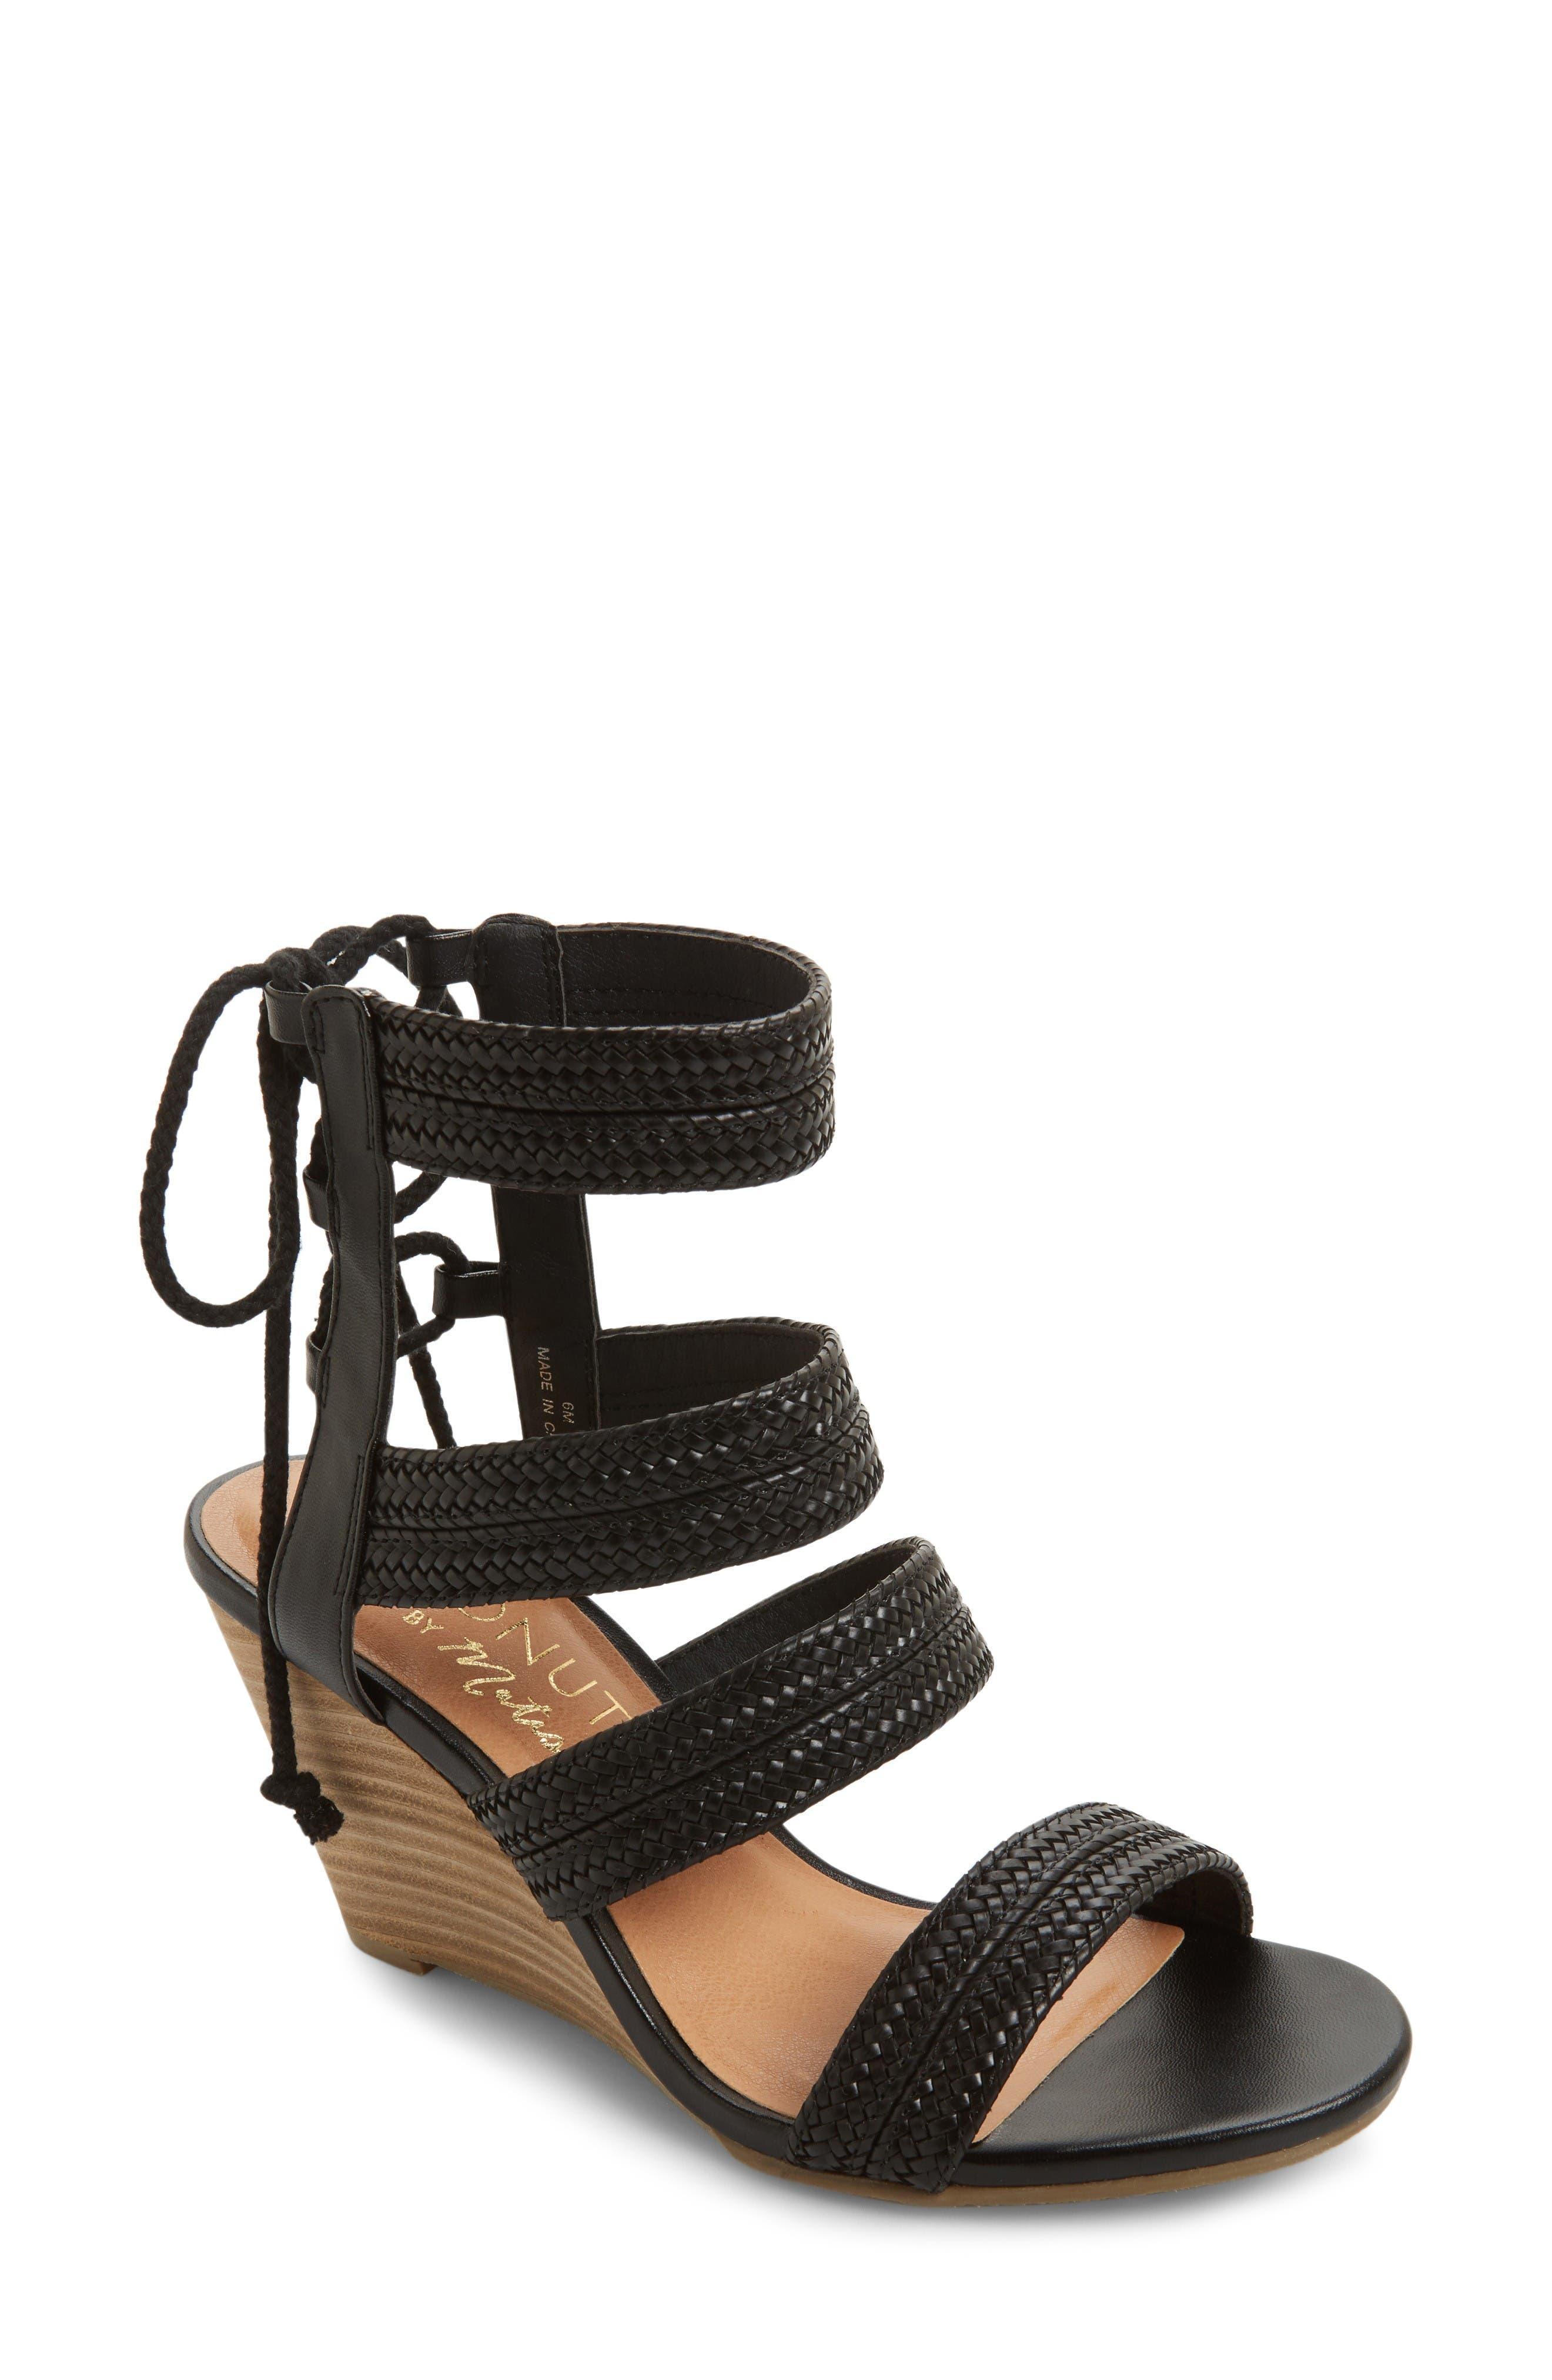 Alternate Image 1 Selected - Matisse Whimsy Wedge Sandal (Women)